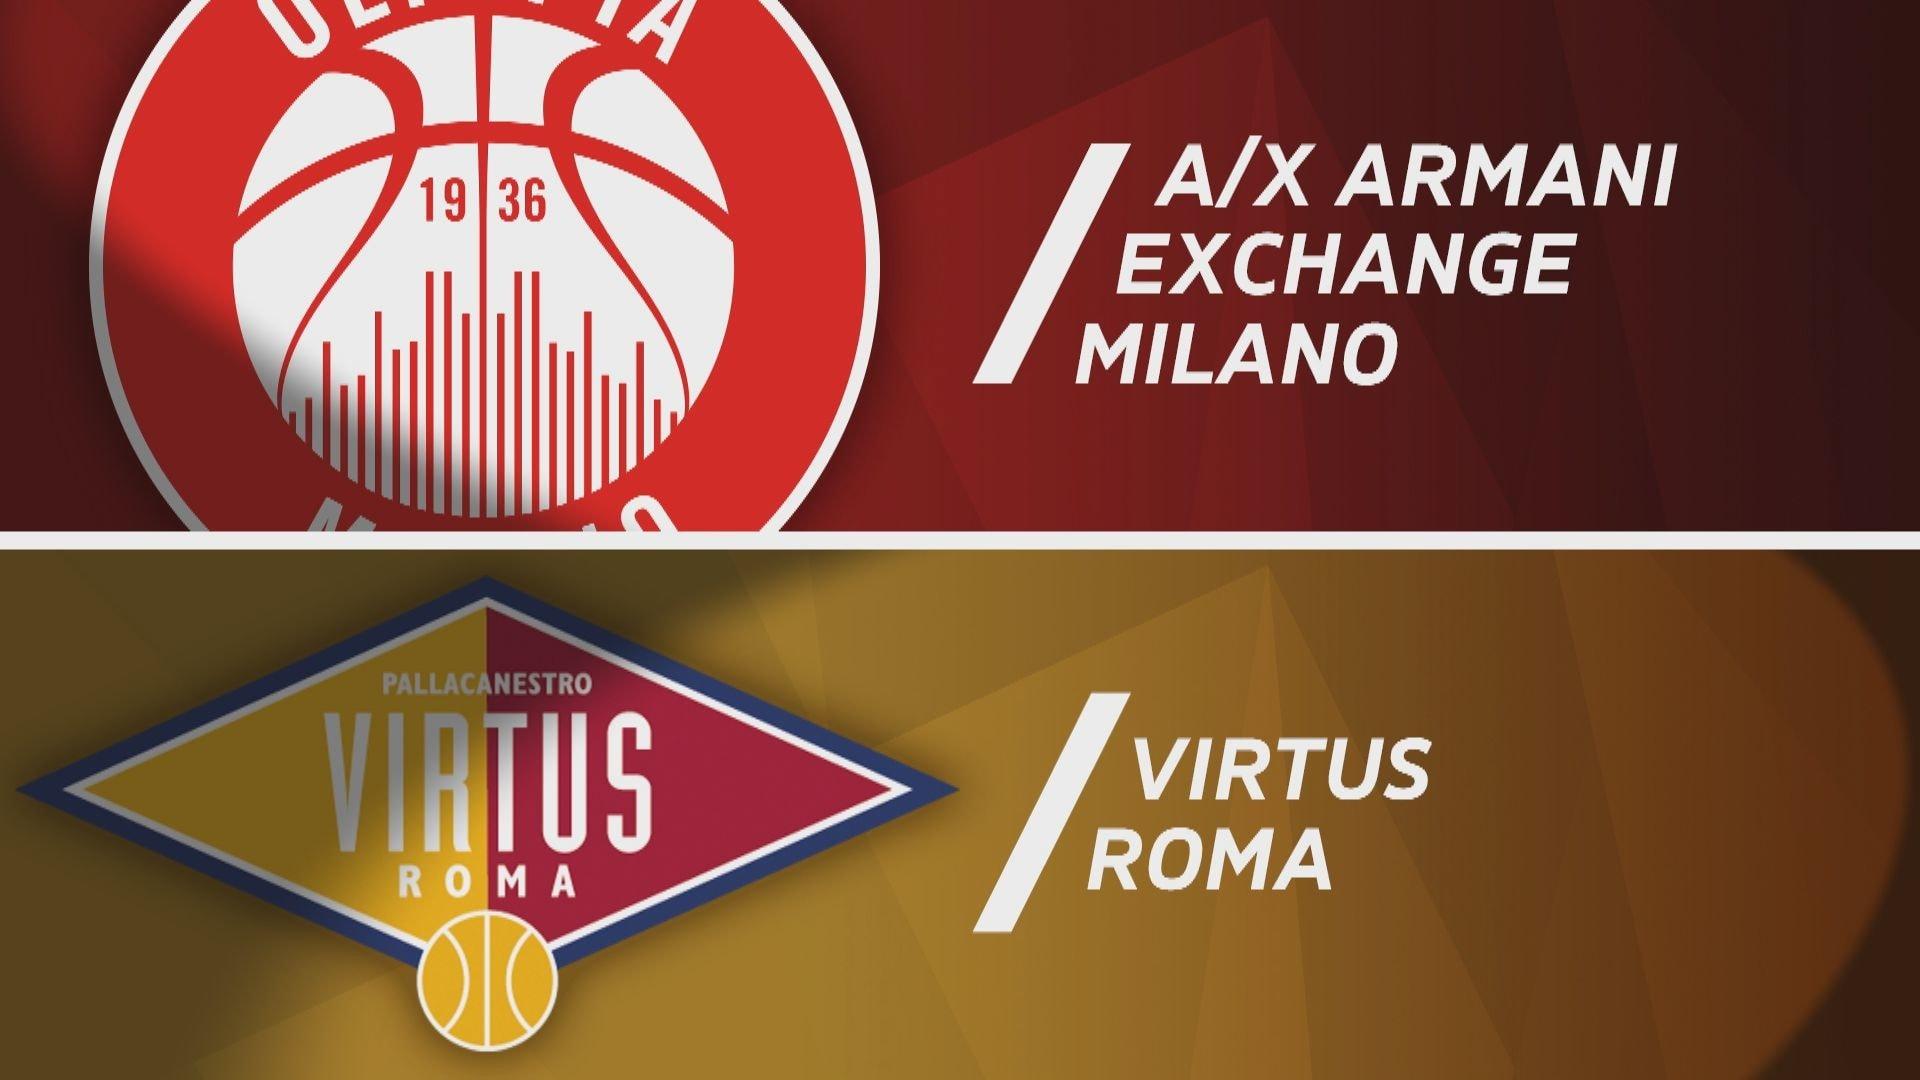 A|X Armani Exchange Milano - Virtus Roma 93-71